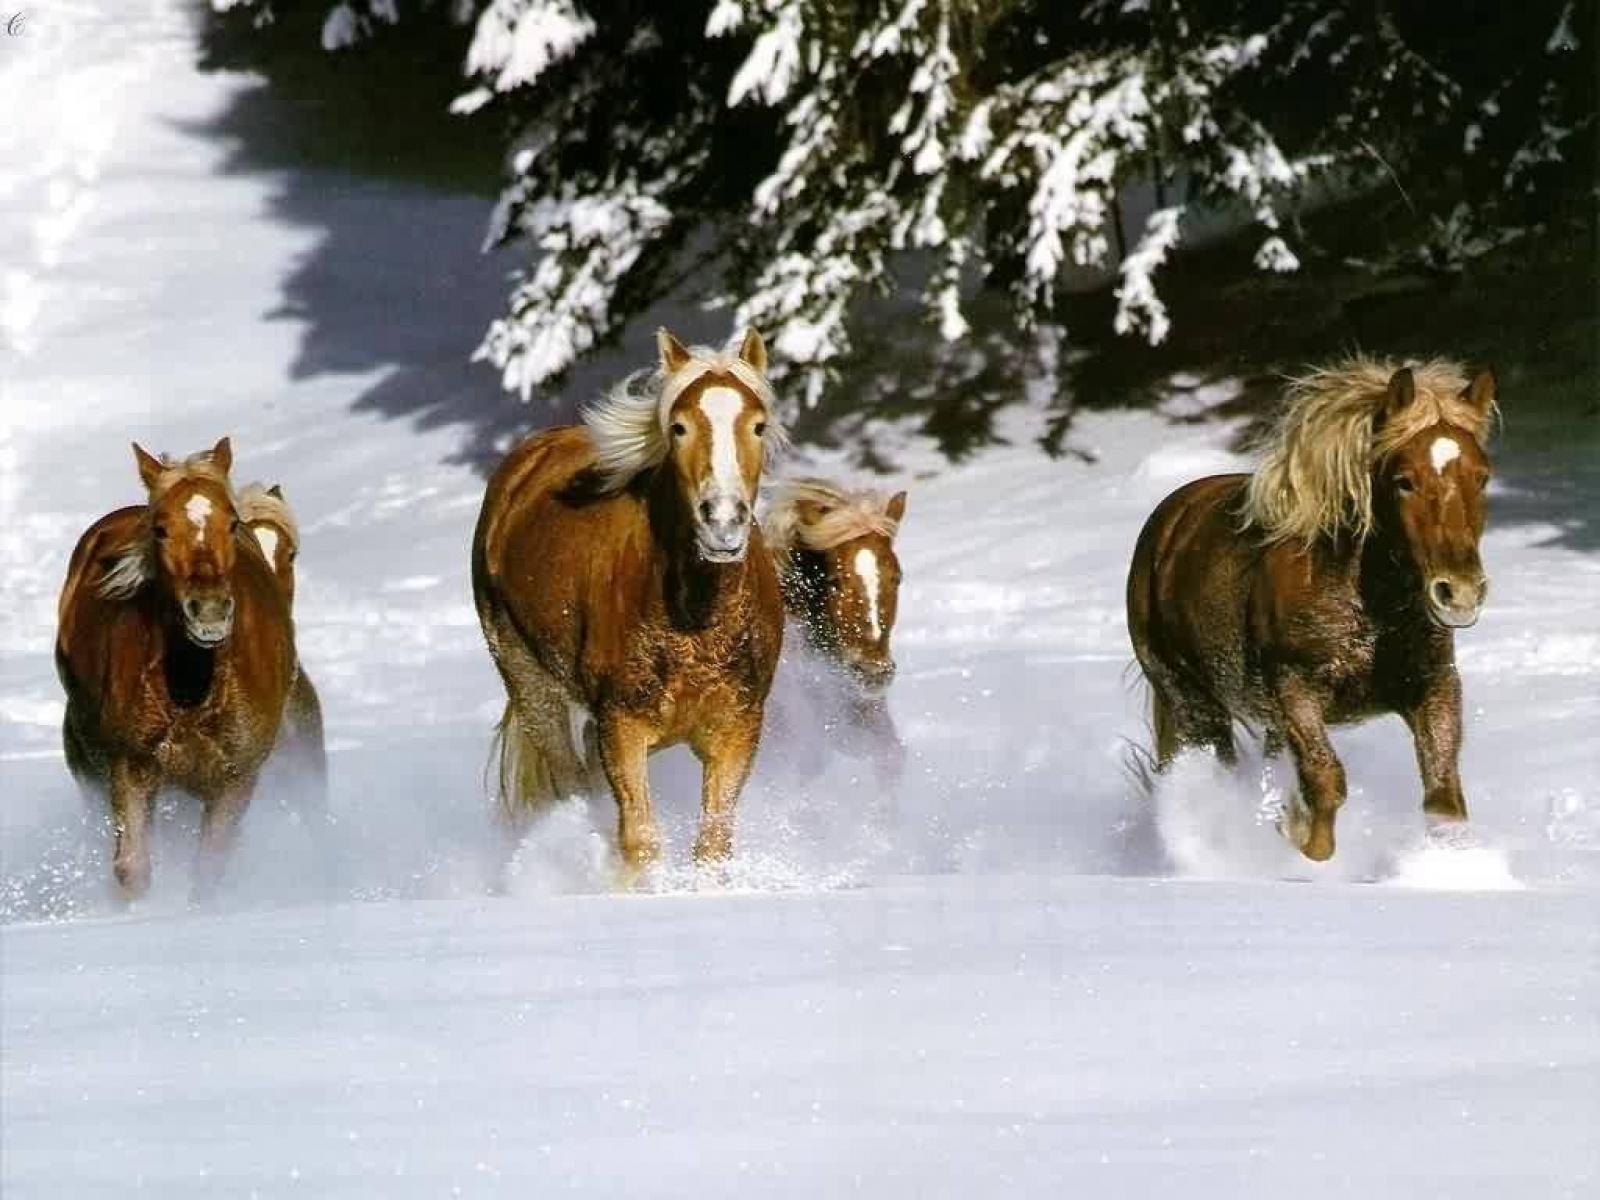 animals horse running free - photo #15